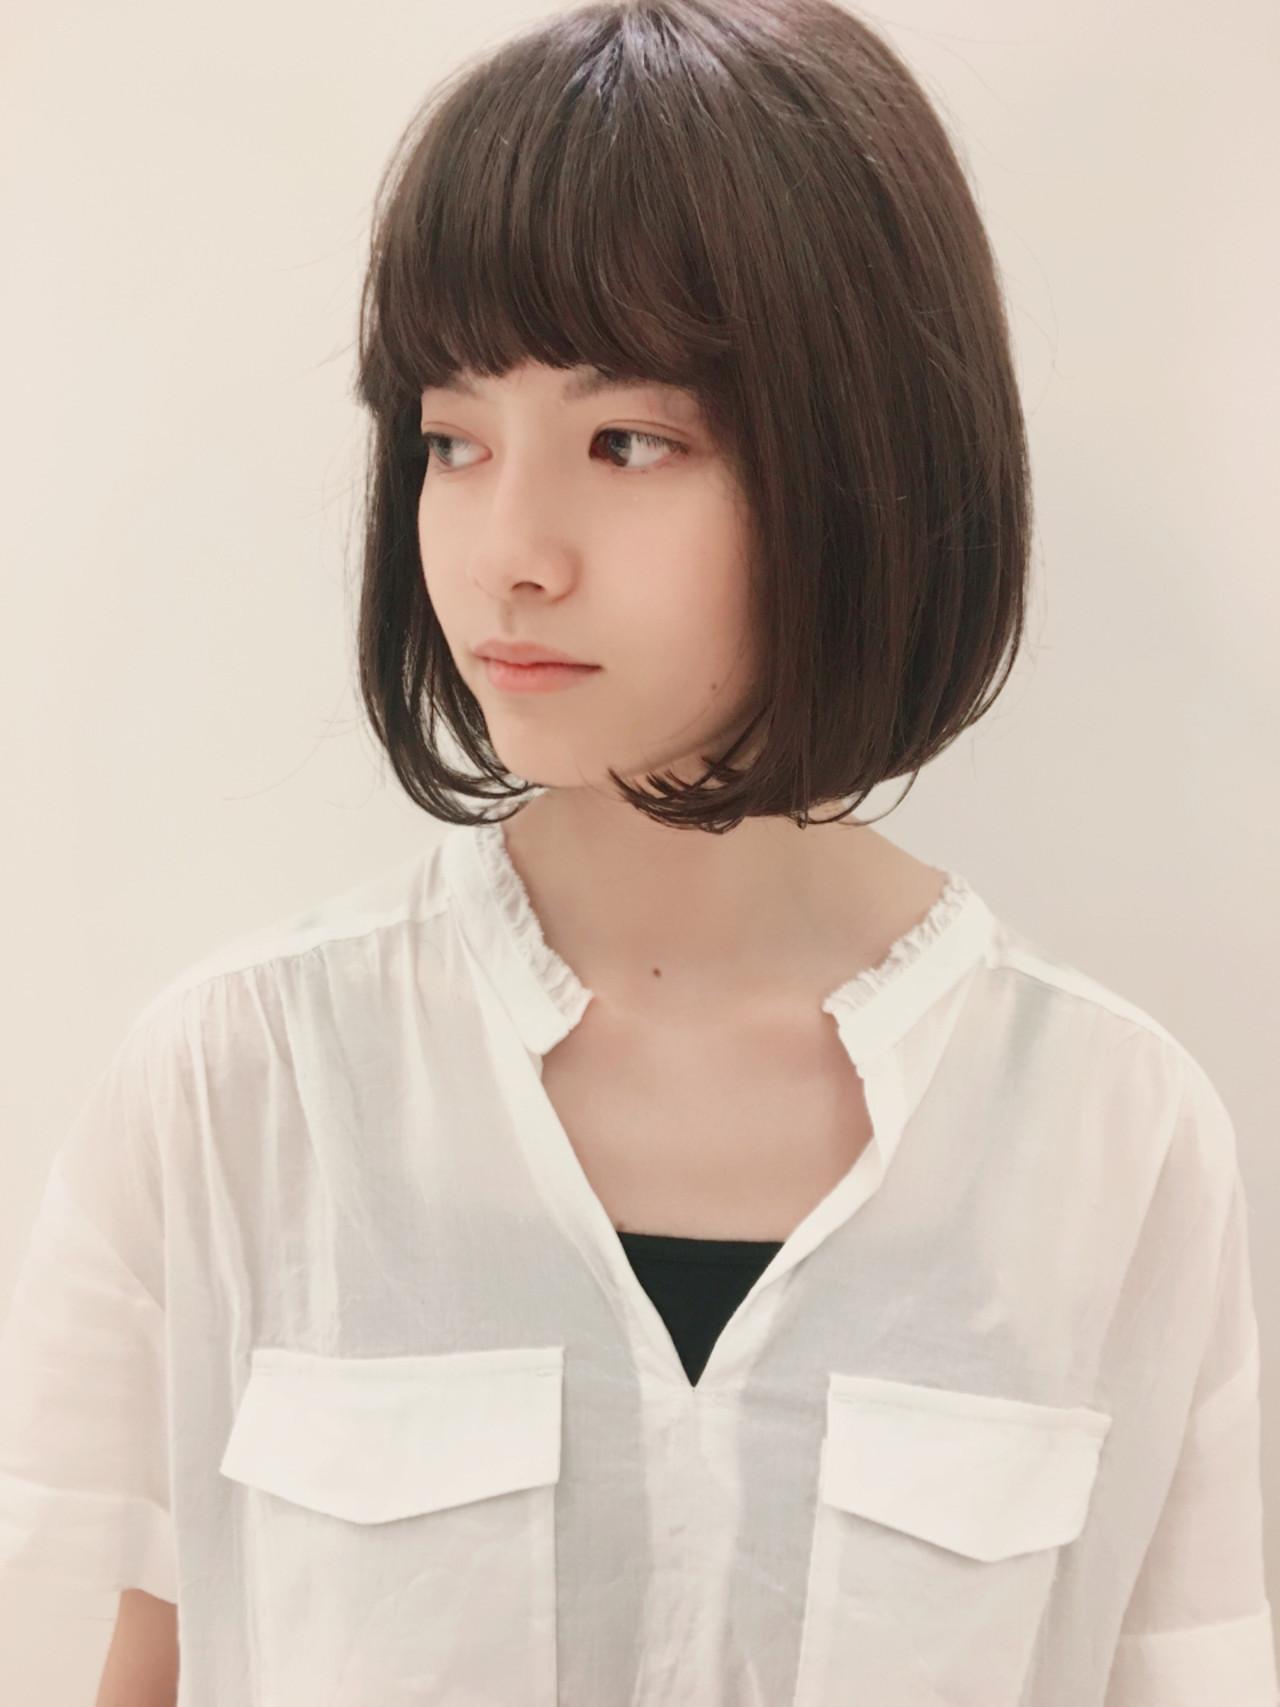 ぱっつん前髪×ワンカールボブパーマでフェミニンに 坂本一馬 | mod's hair